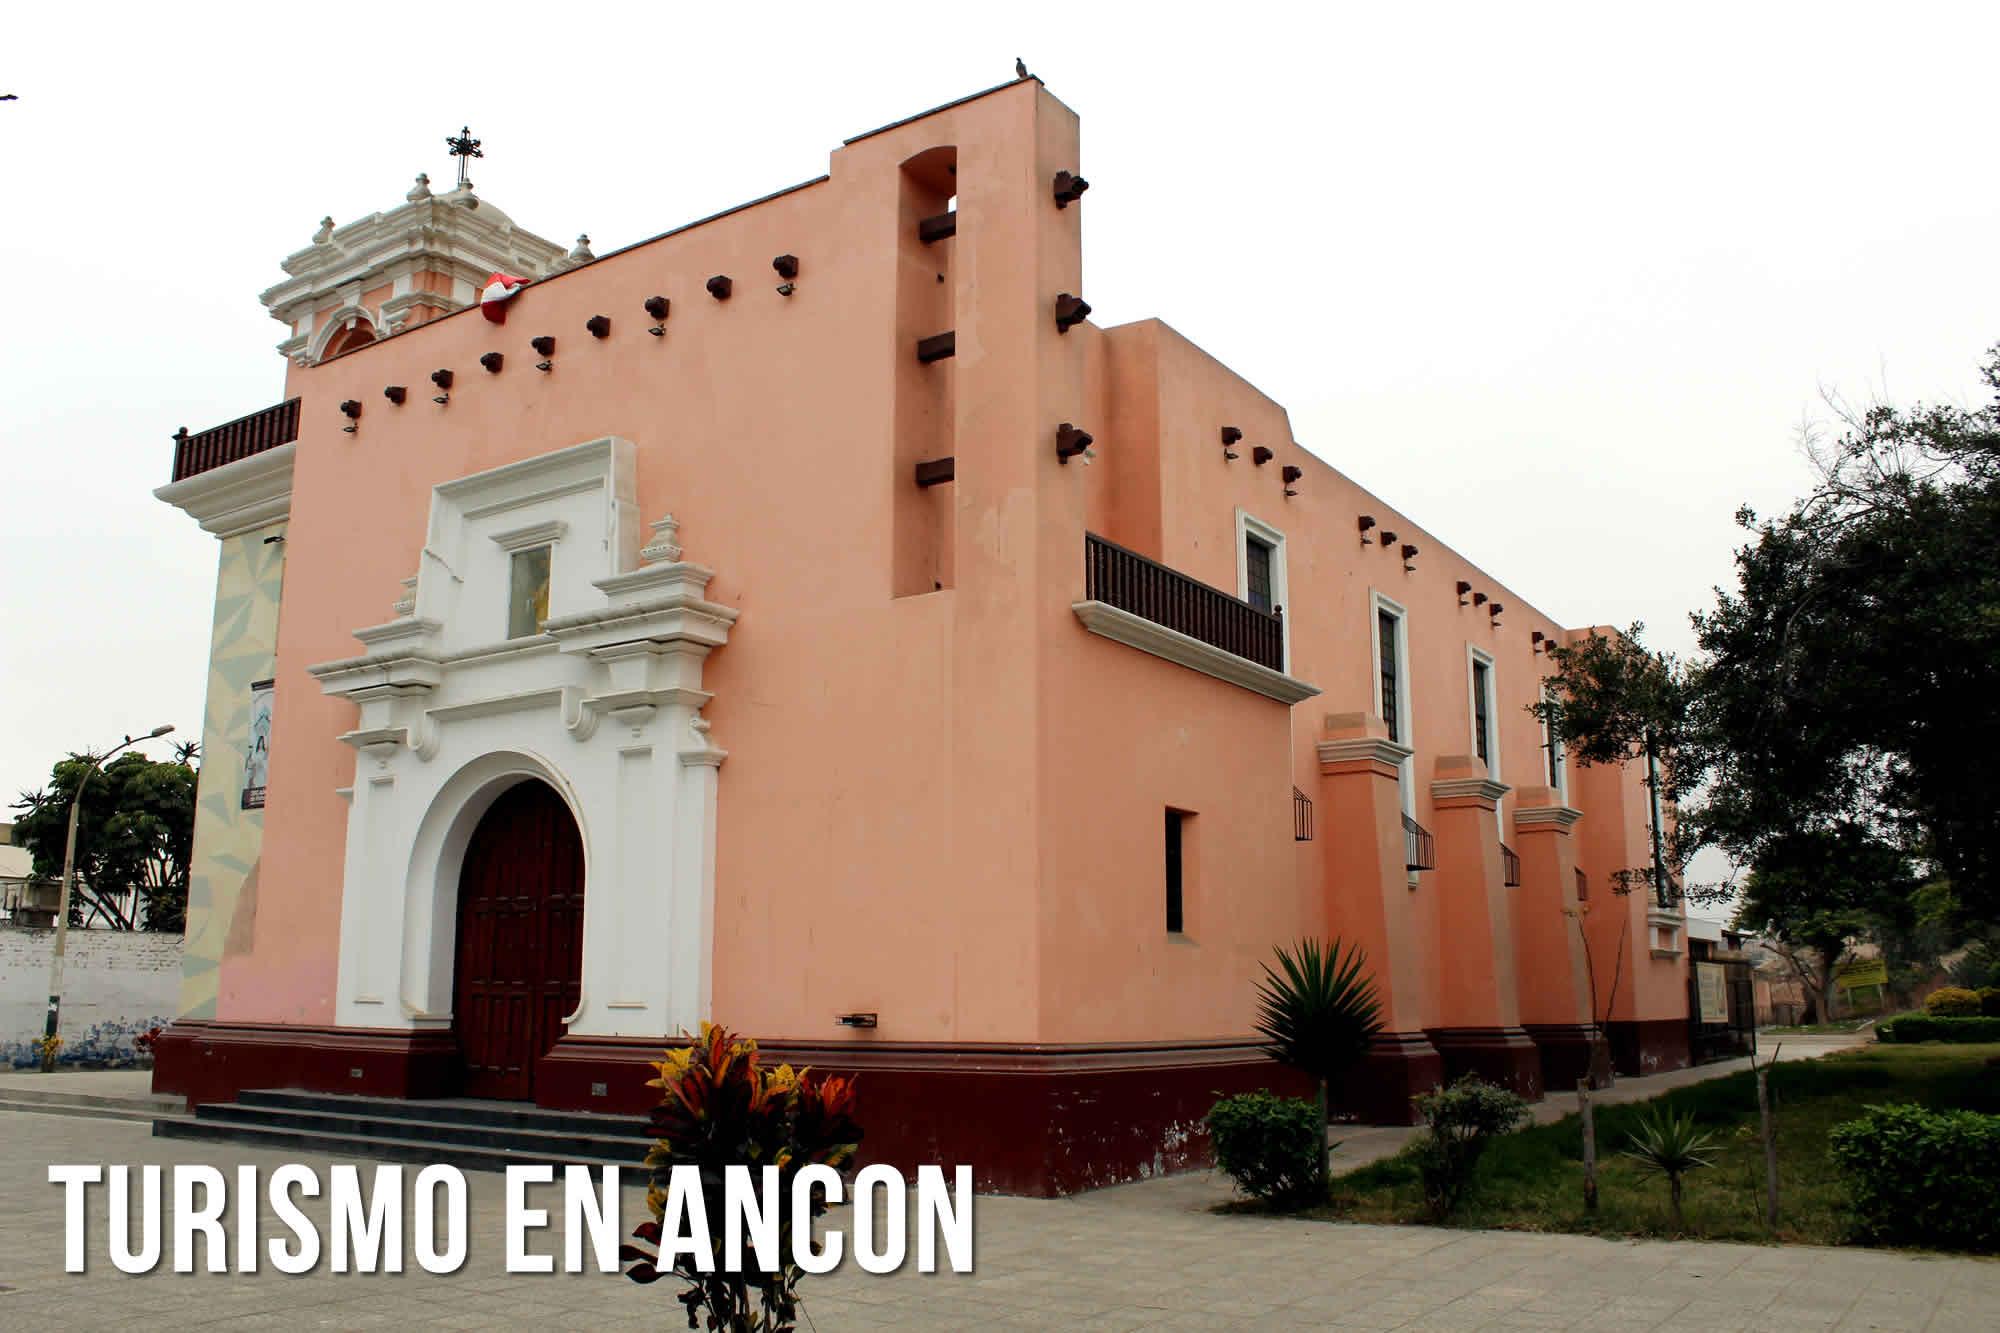 TURISMO EN ANCON | IGLESIA DE SAN PEDRO